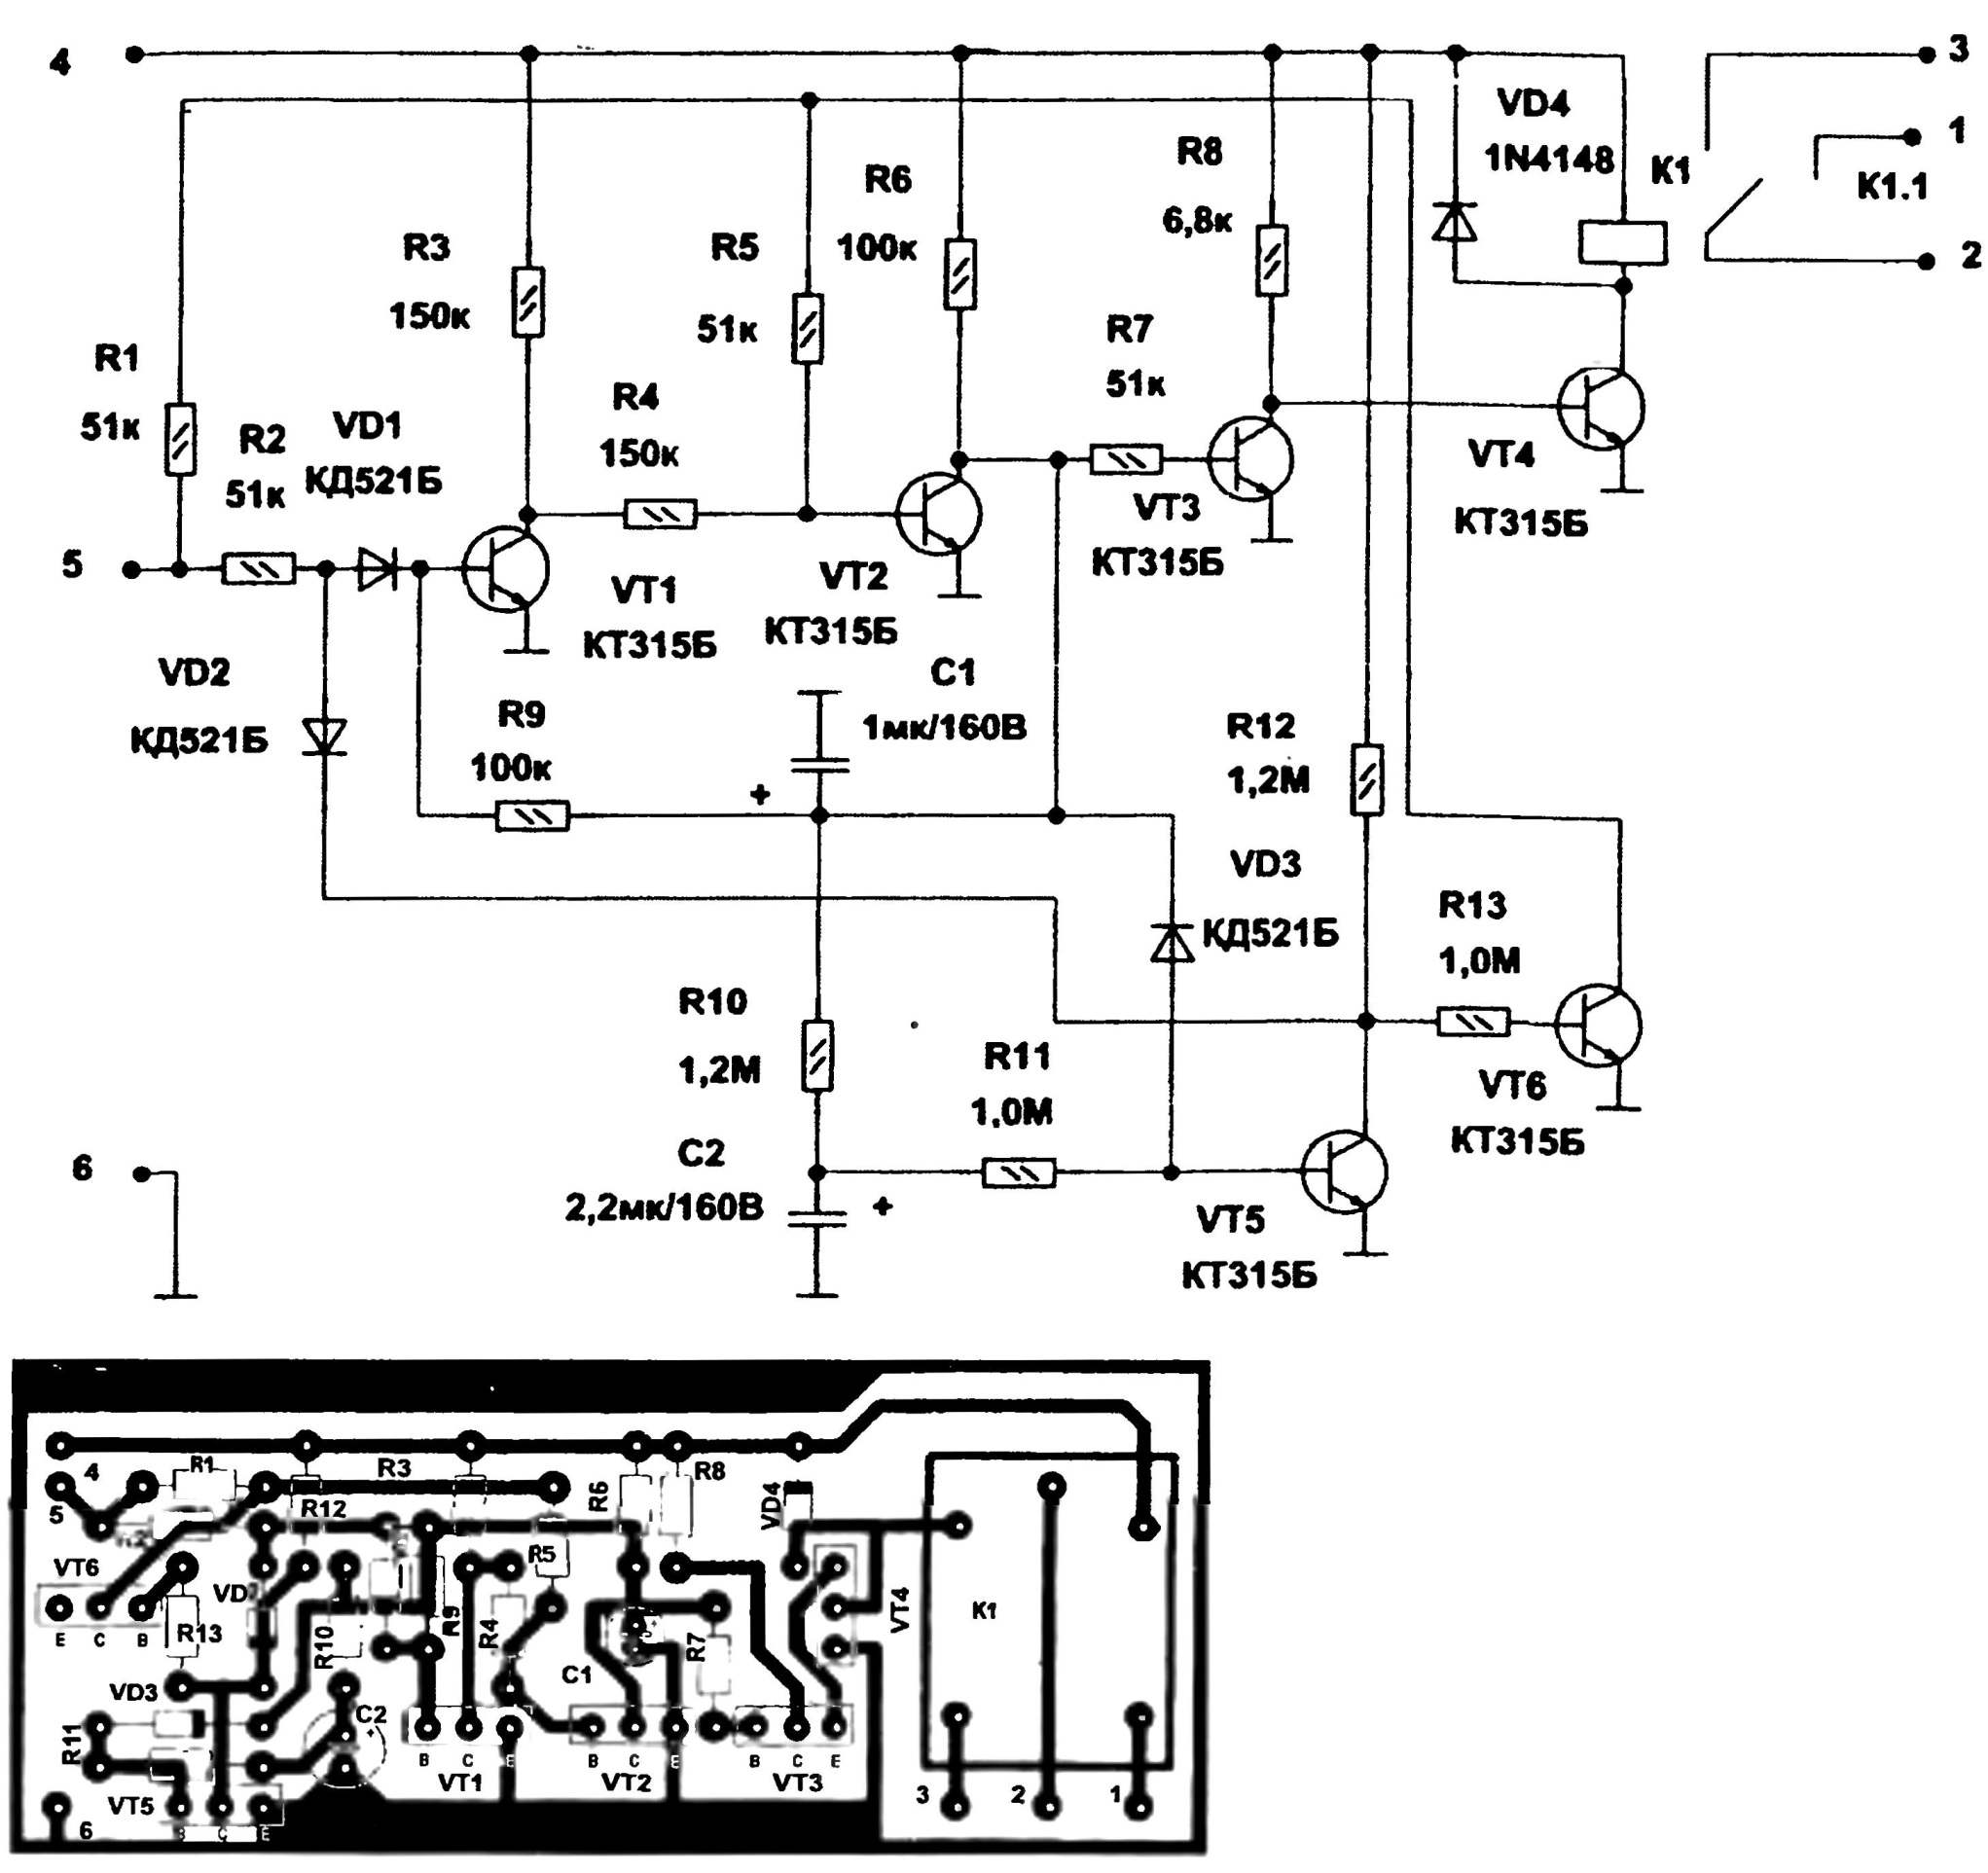 Рис. 3. Принципиальная электрическая схема и топология печатной платы переключателя (обозначения базы, коллектора и эмиттера транзисторов — латинскими буквами В, С и Е соответственно)